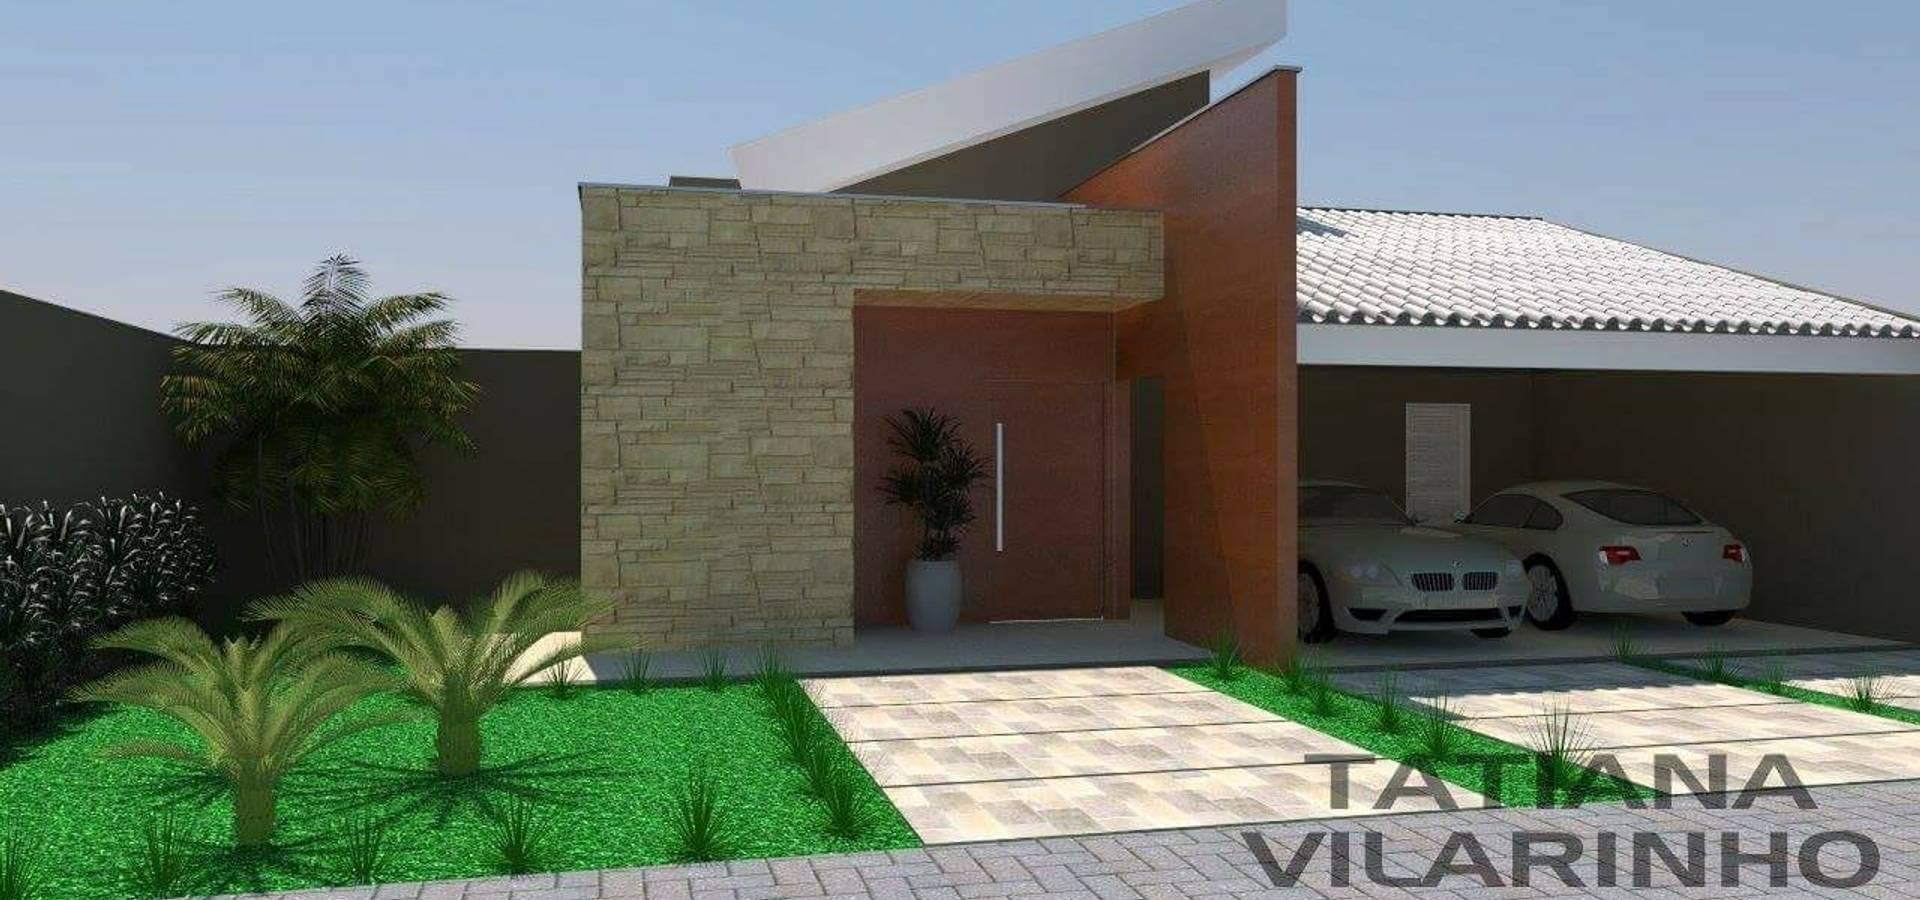 Arquiteta Tatiana Vilarinho